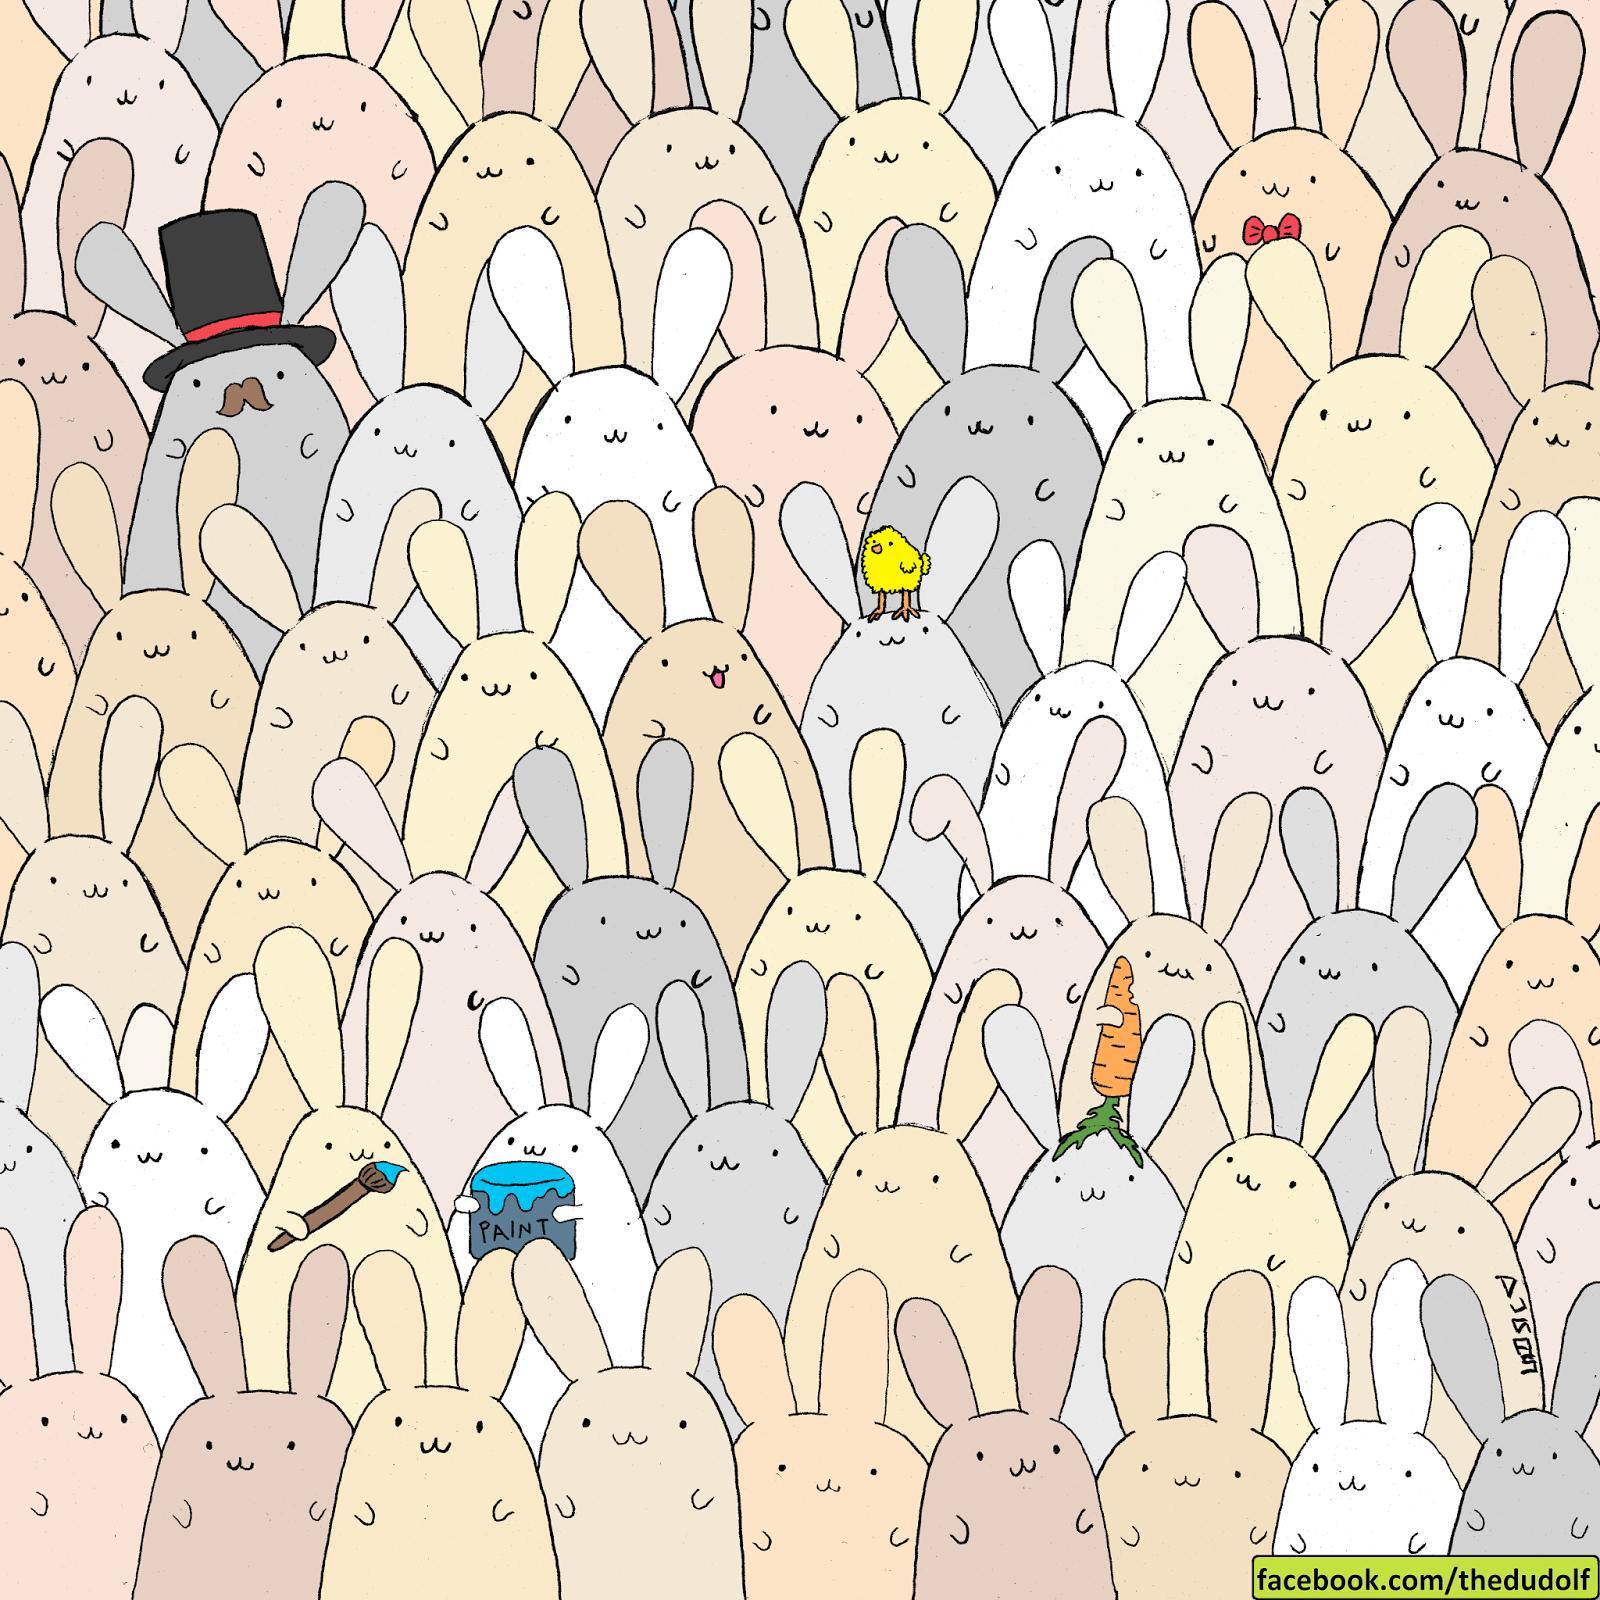 салатов бутербродов загадка найти кролика на картинке кочаны капусты